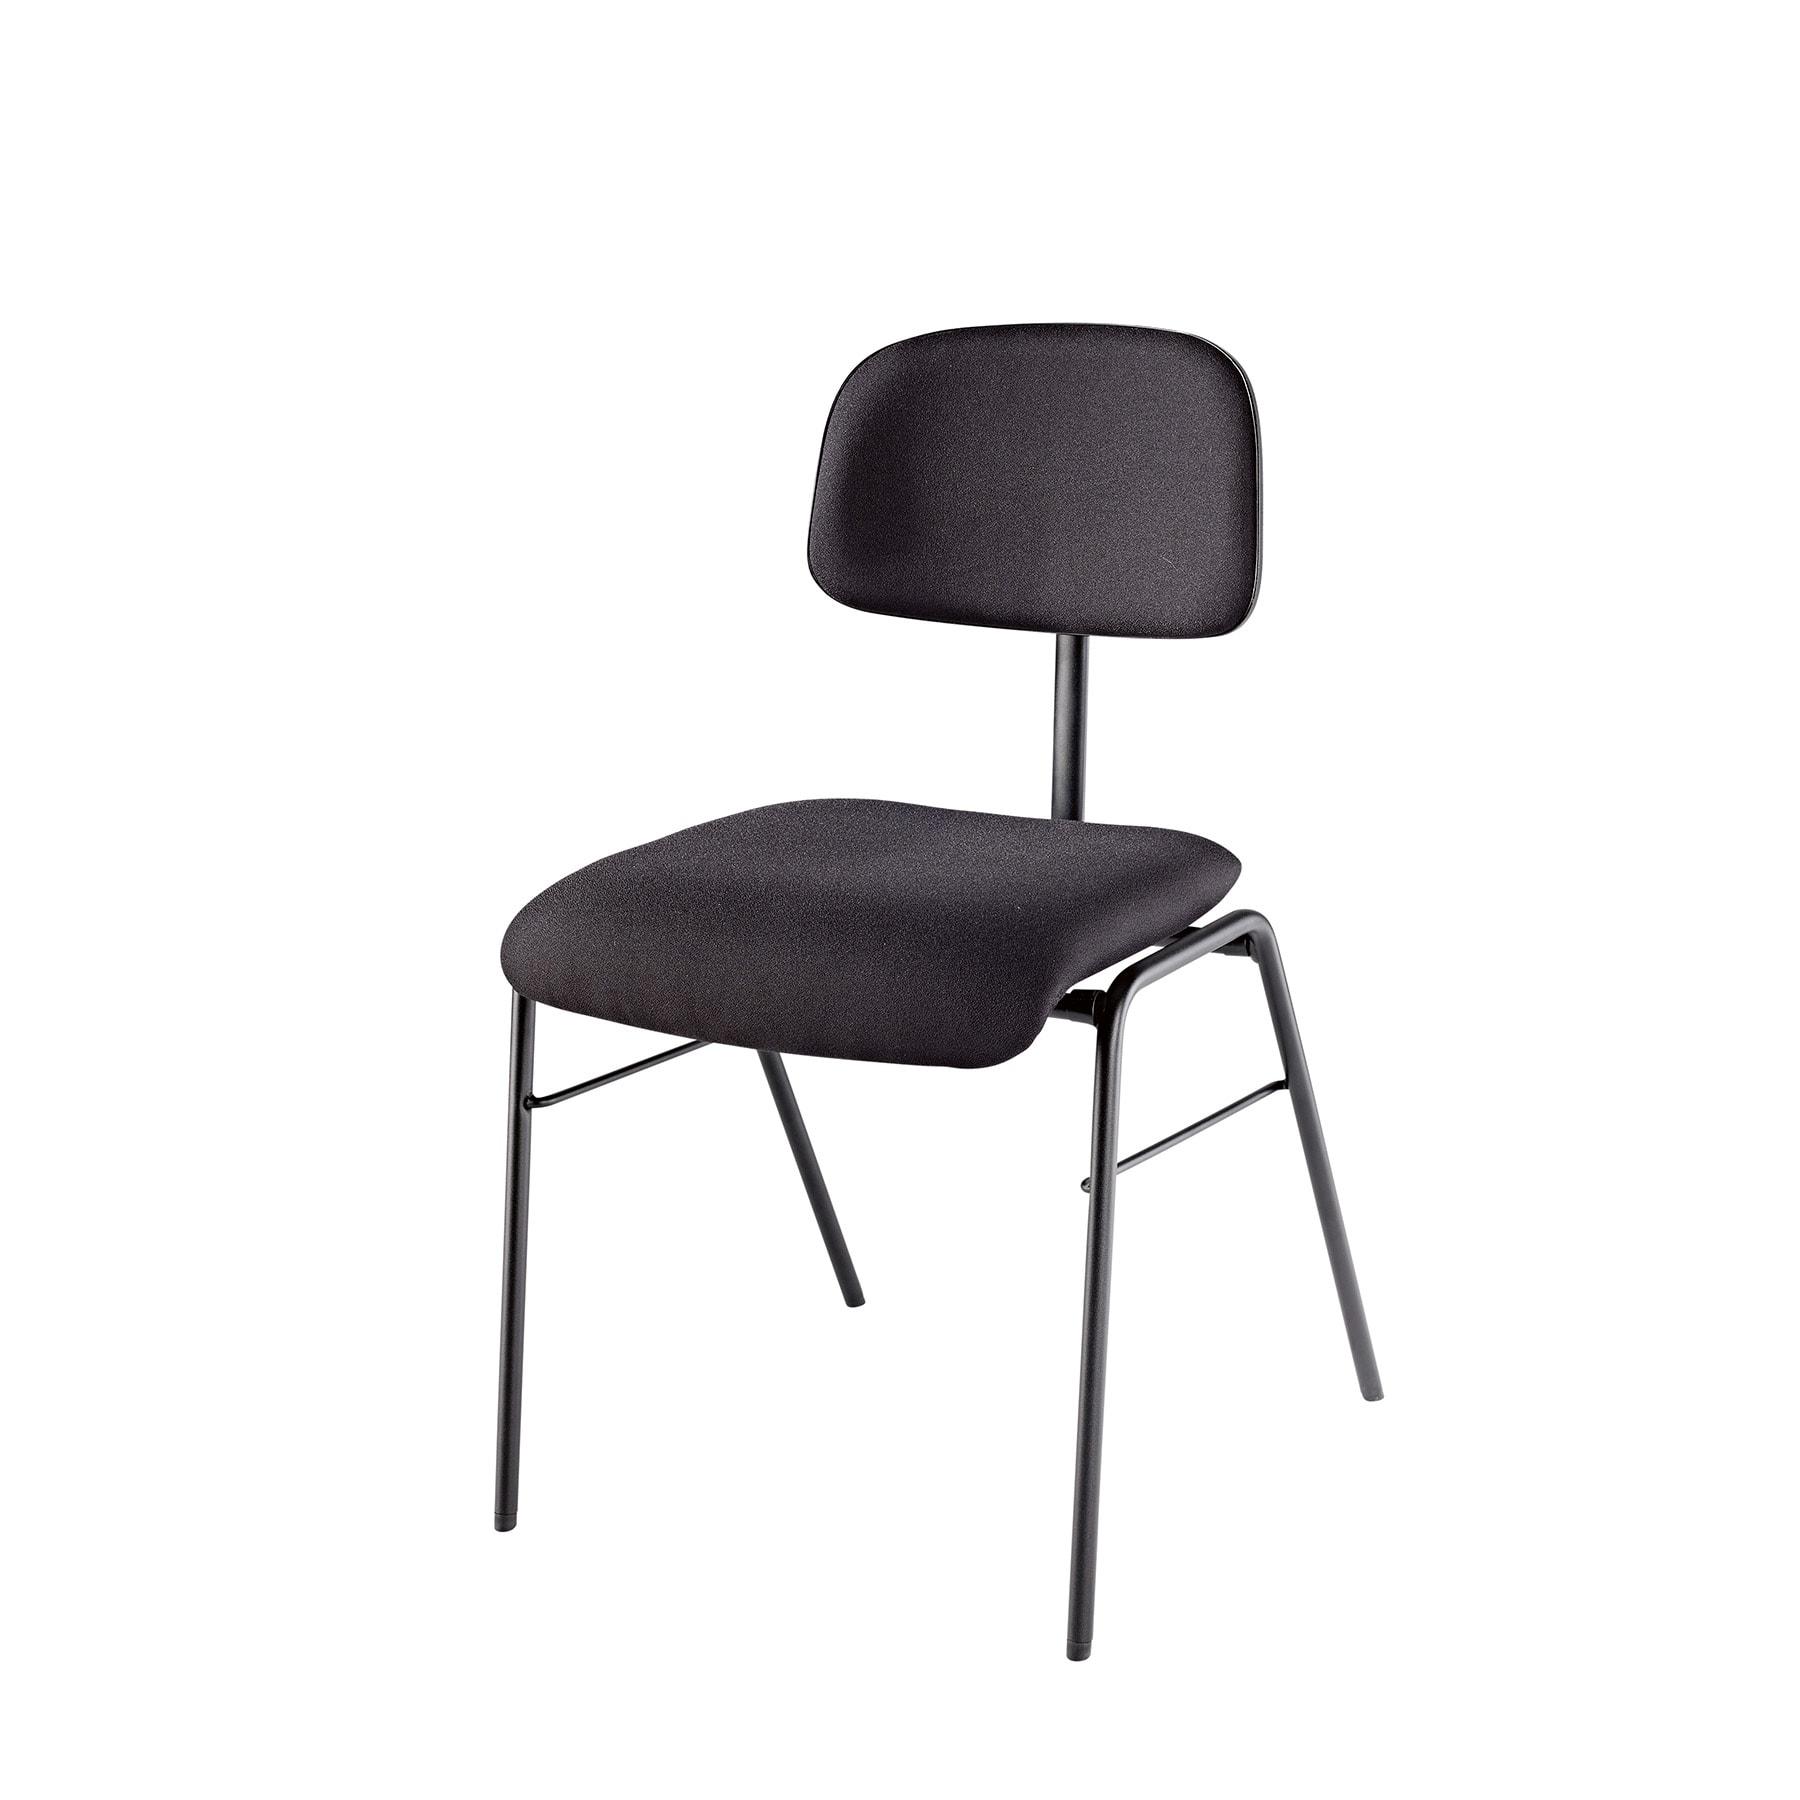 KM13420 - Musician's chair